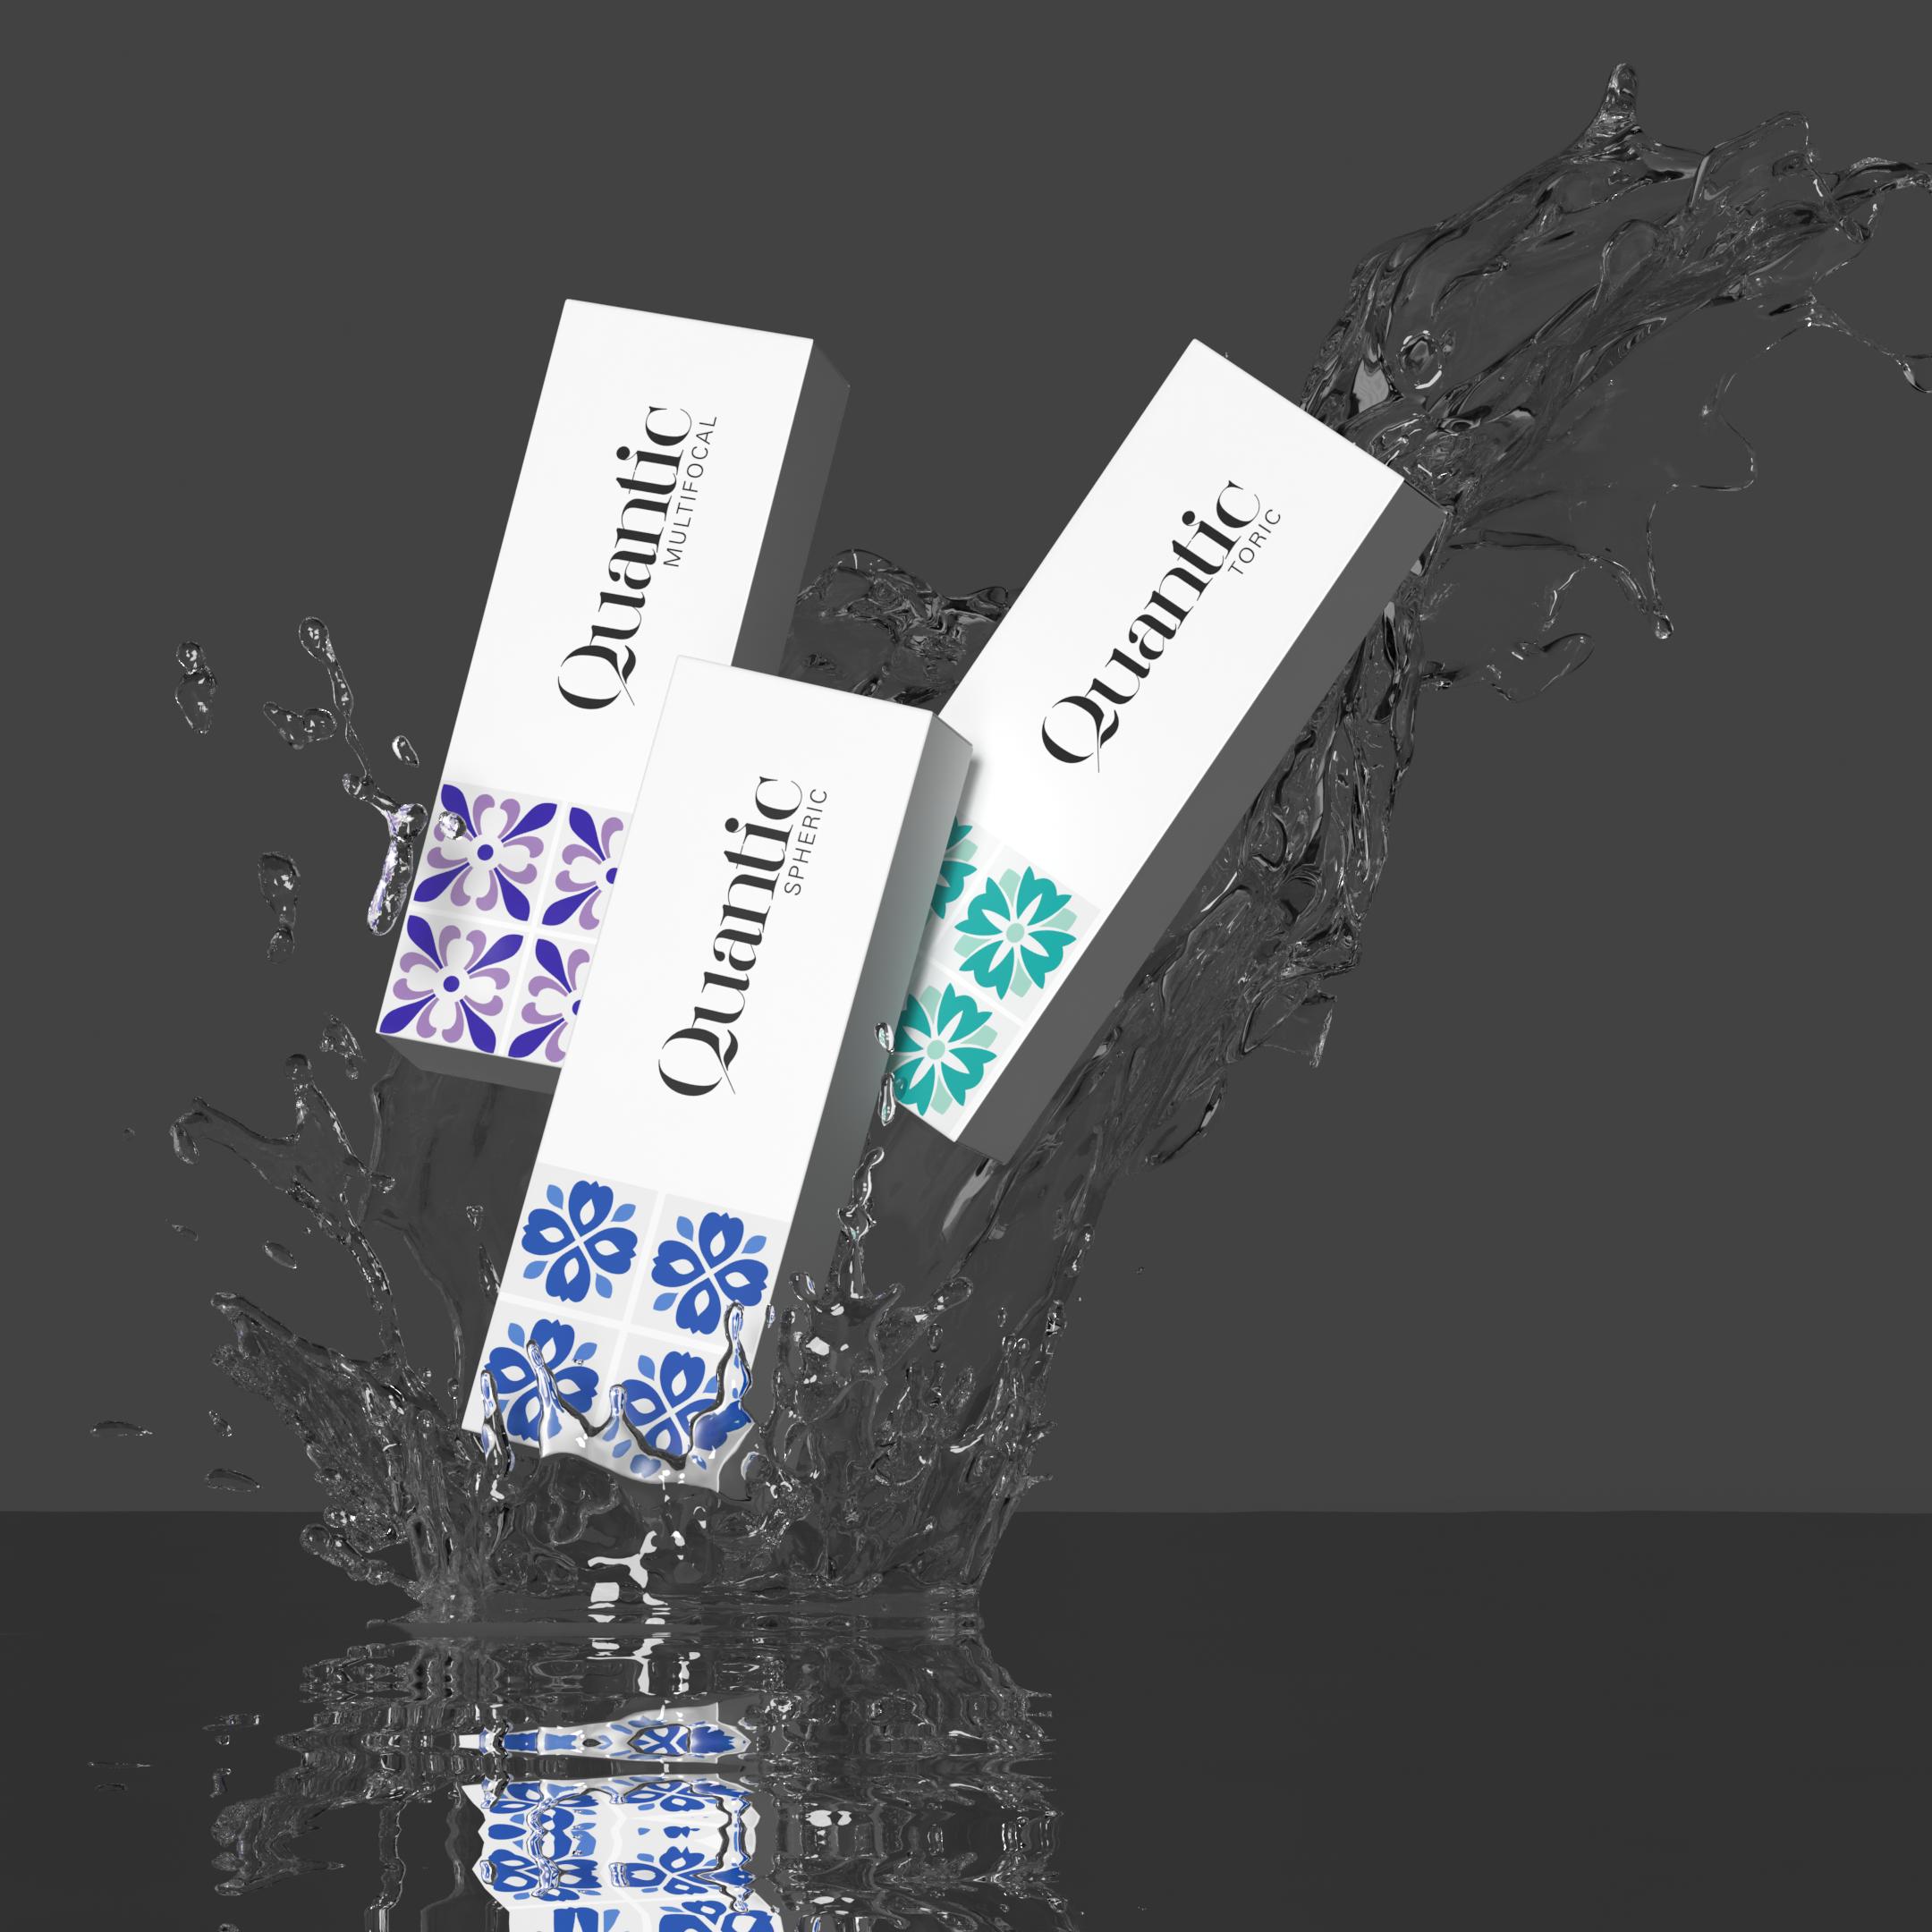 [[pt]]Composto por material Zwitteriónico SIB que significa SEED Ionic Bond, ou ligação iónica, que garante a biocompatibilidade. Contem iões positivos e negativos o que resulta em estabilidade elétrica, afasta o pó e as impurezas, garantindo ao mesmo tempo um elevado teor de água. Contém um polímero natural extraído de algas que mantém a hidratação dos olhos. Com alta resistência aos depósitos, não atrai os depósitos com carga positiva, por exemplo as proteínas, atraindo os negativos para a superfície da lente, como os da água. Contém absorção UV.